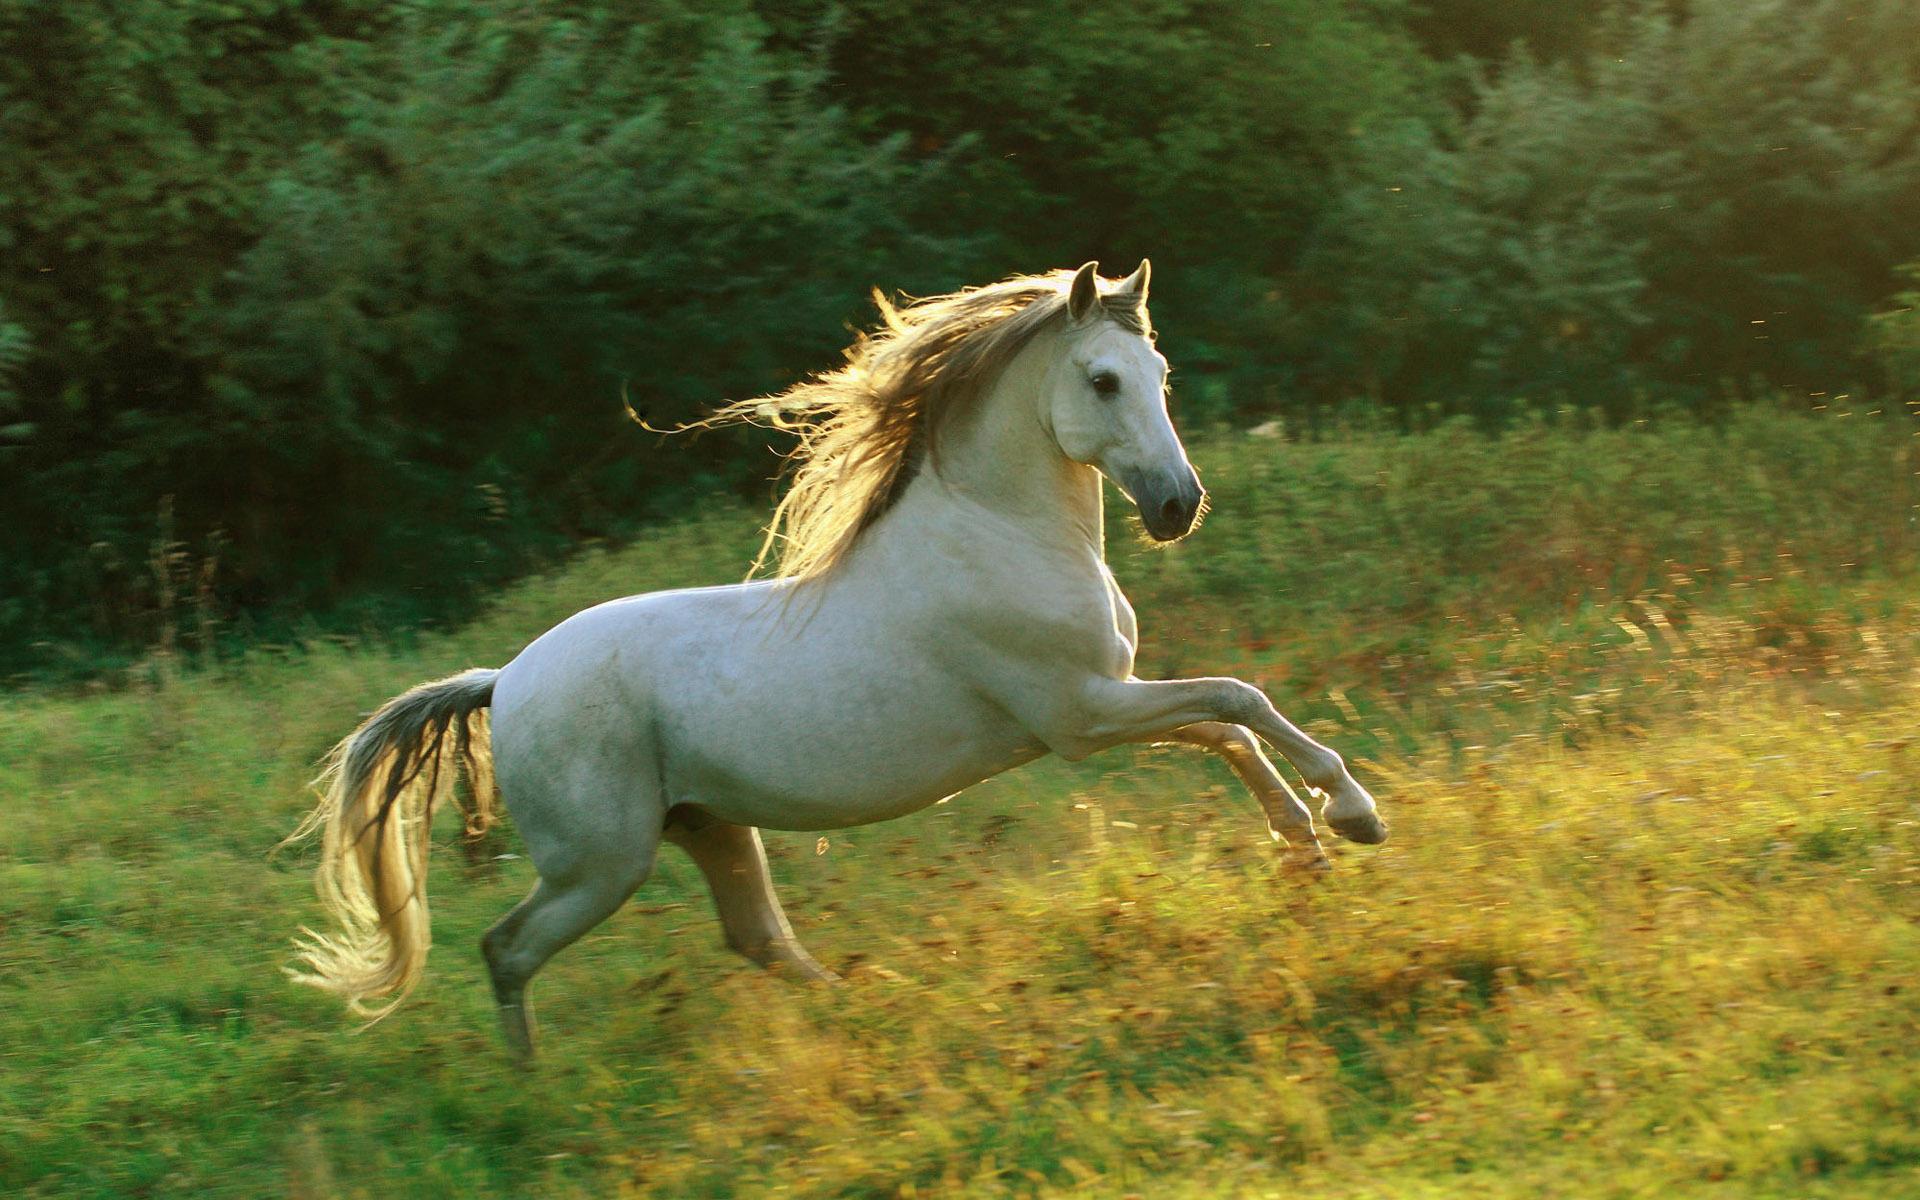 بالصور صور خيول جميله , اجمل صوره لاقوى خيل 3182 1